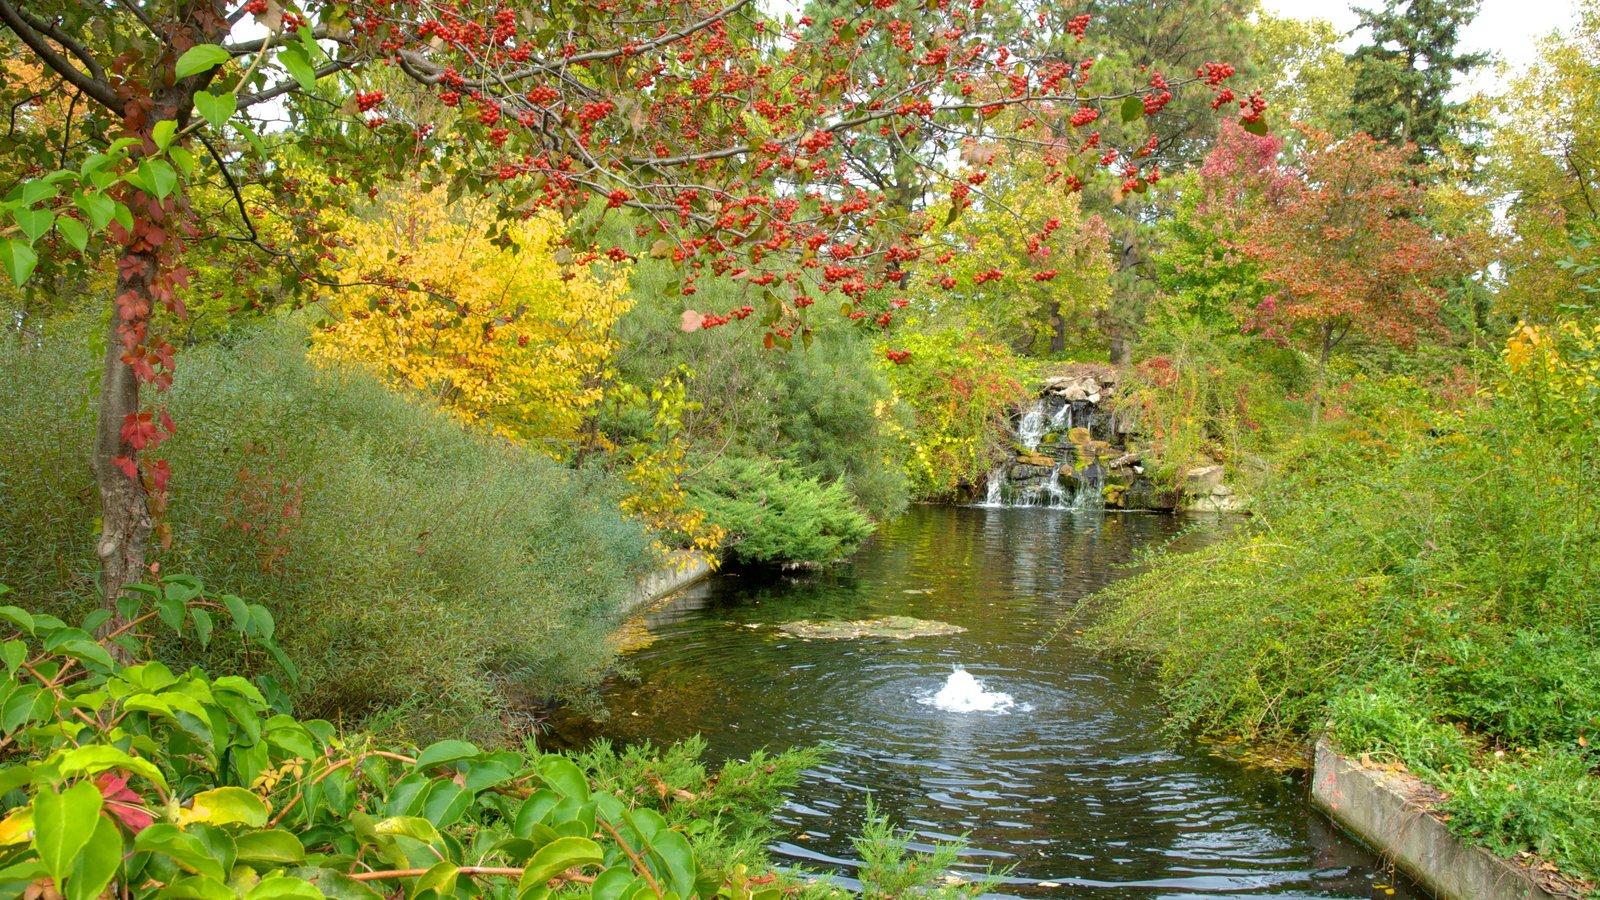 Niagara Parks Botanical Gardens que inclui paisagem, um lago e um jardim